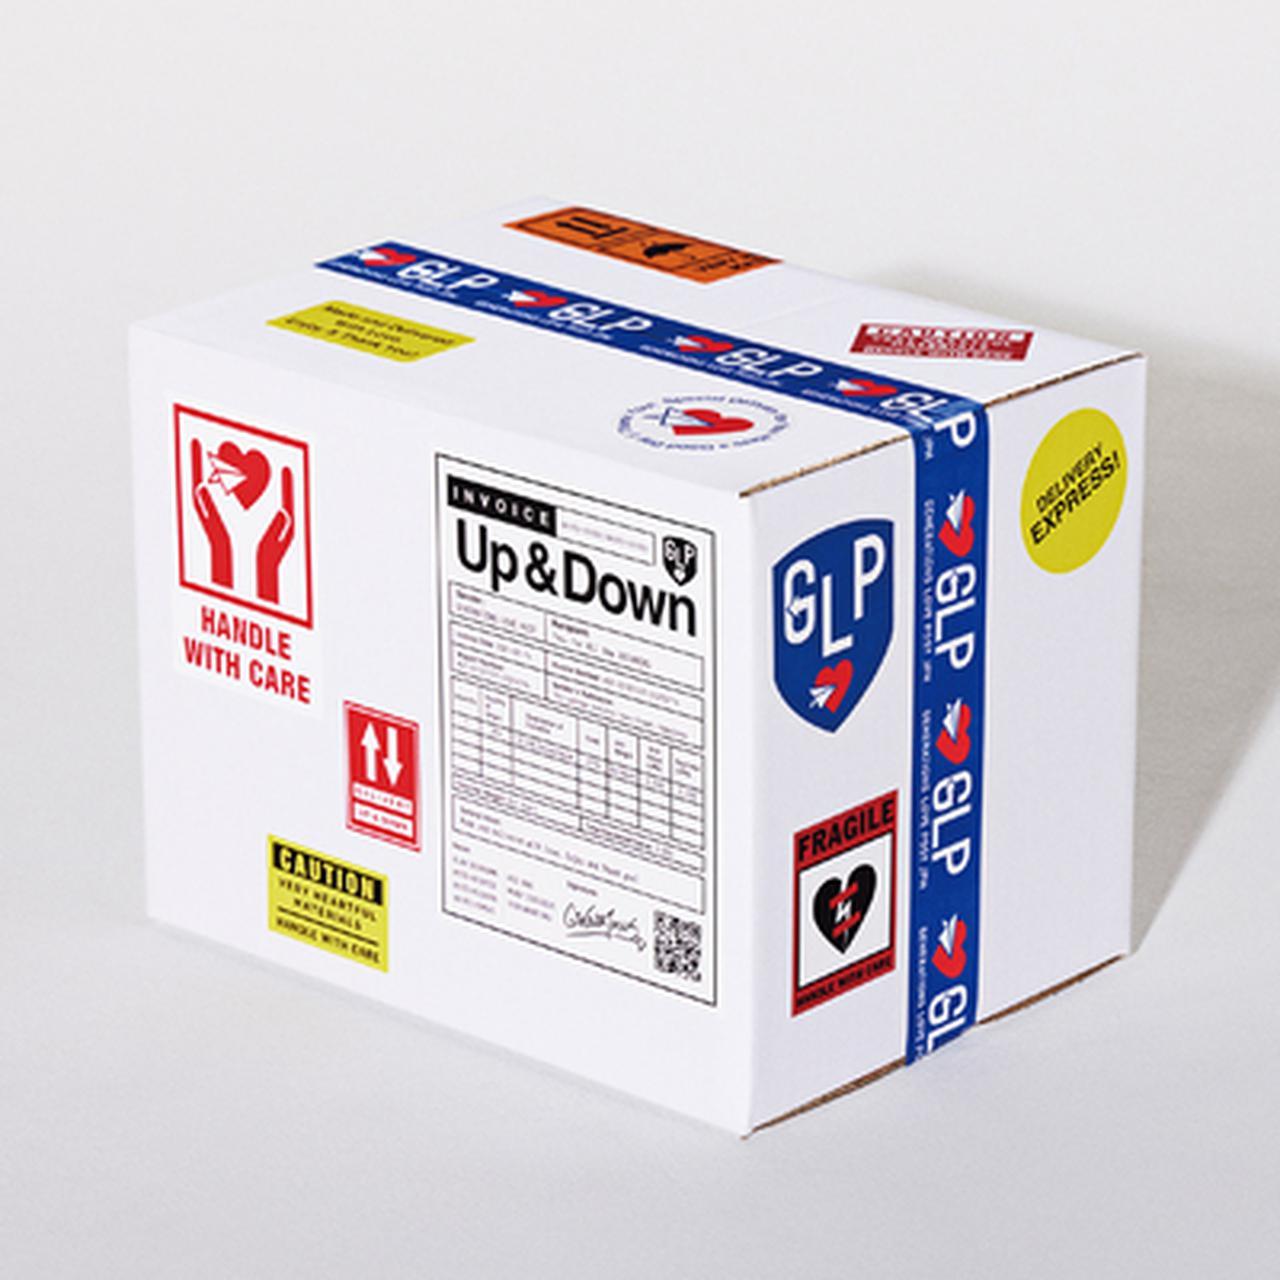 画像: ●リリース情報 7/14 Release AL 「Up & Down」 初回生産限定盤 RZCD-77362/B[AL+DVD] 8,250円(税込) RZCD-77363/B[AL+BD] 8,250円(税込) 通常盤[AL+MV+特典映像] RZCD-77364/B[AL+DVD] 7,480円(税込) RZCD-77365/B[AL+BD] 7,480円(税込) 通常盤[AL+MV] RZCD-77366/B[AL+DVD] 5,830円(税込) RZCD-77367/B[AL+BD] 5,830円(税込) RZCD-77368[AL] 3,630円(税込)